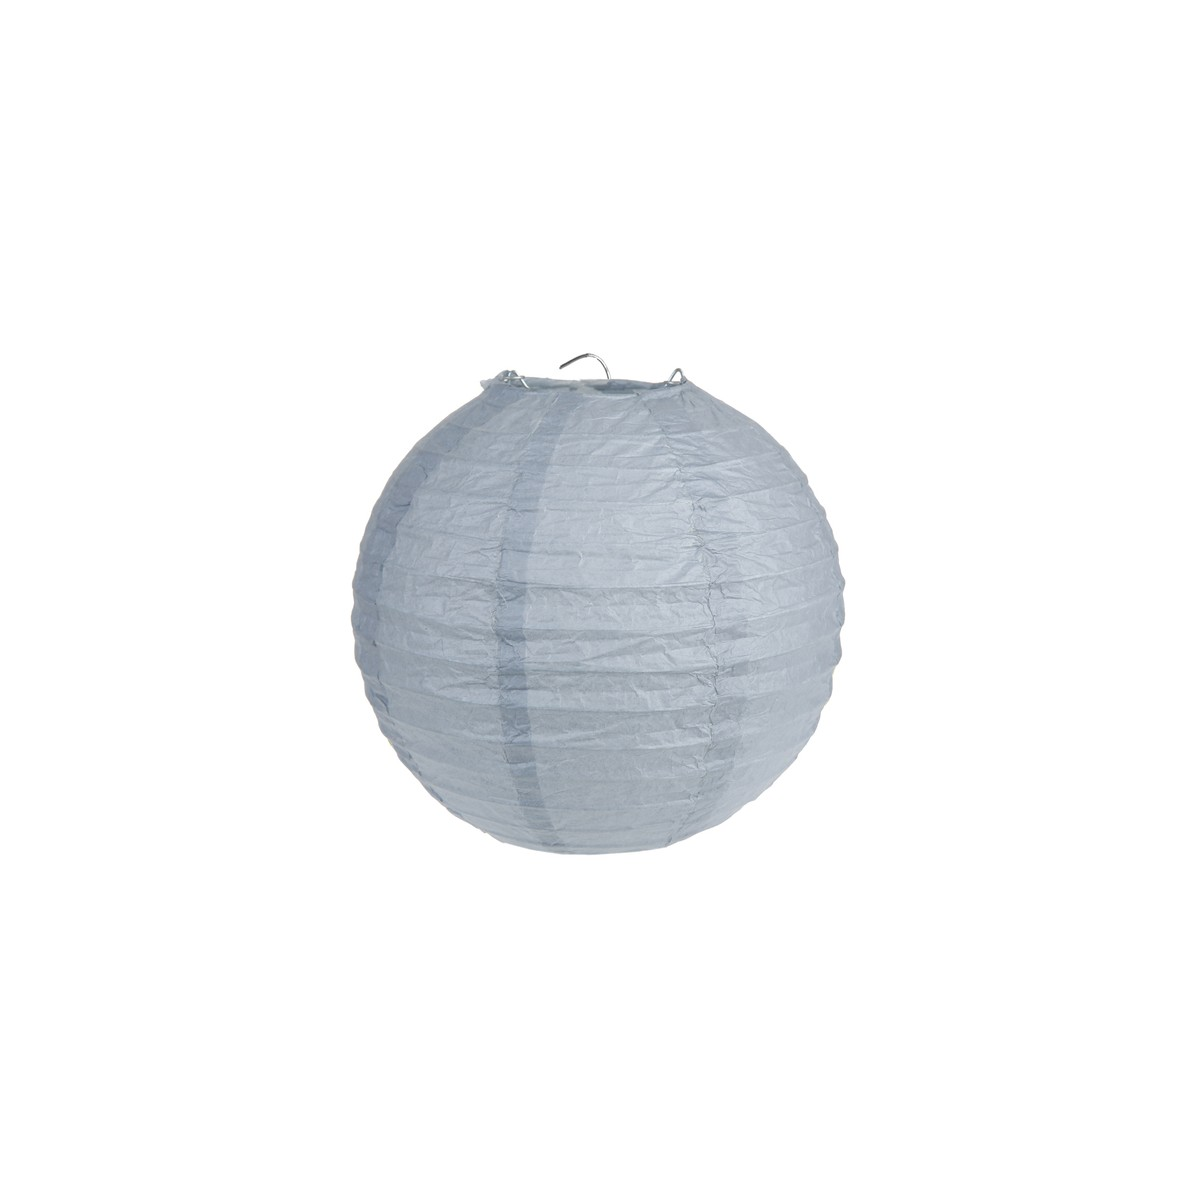 2x Lanterne Papier 20cm - Gris